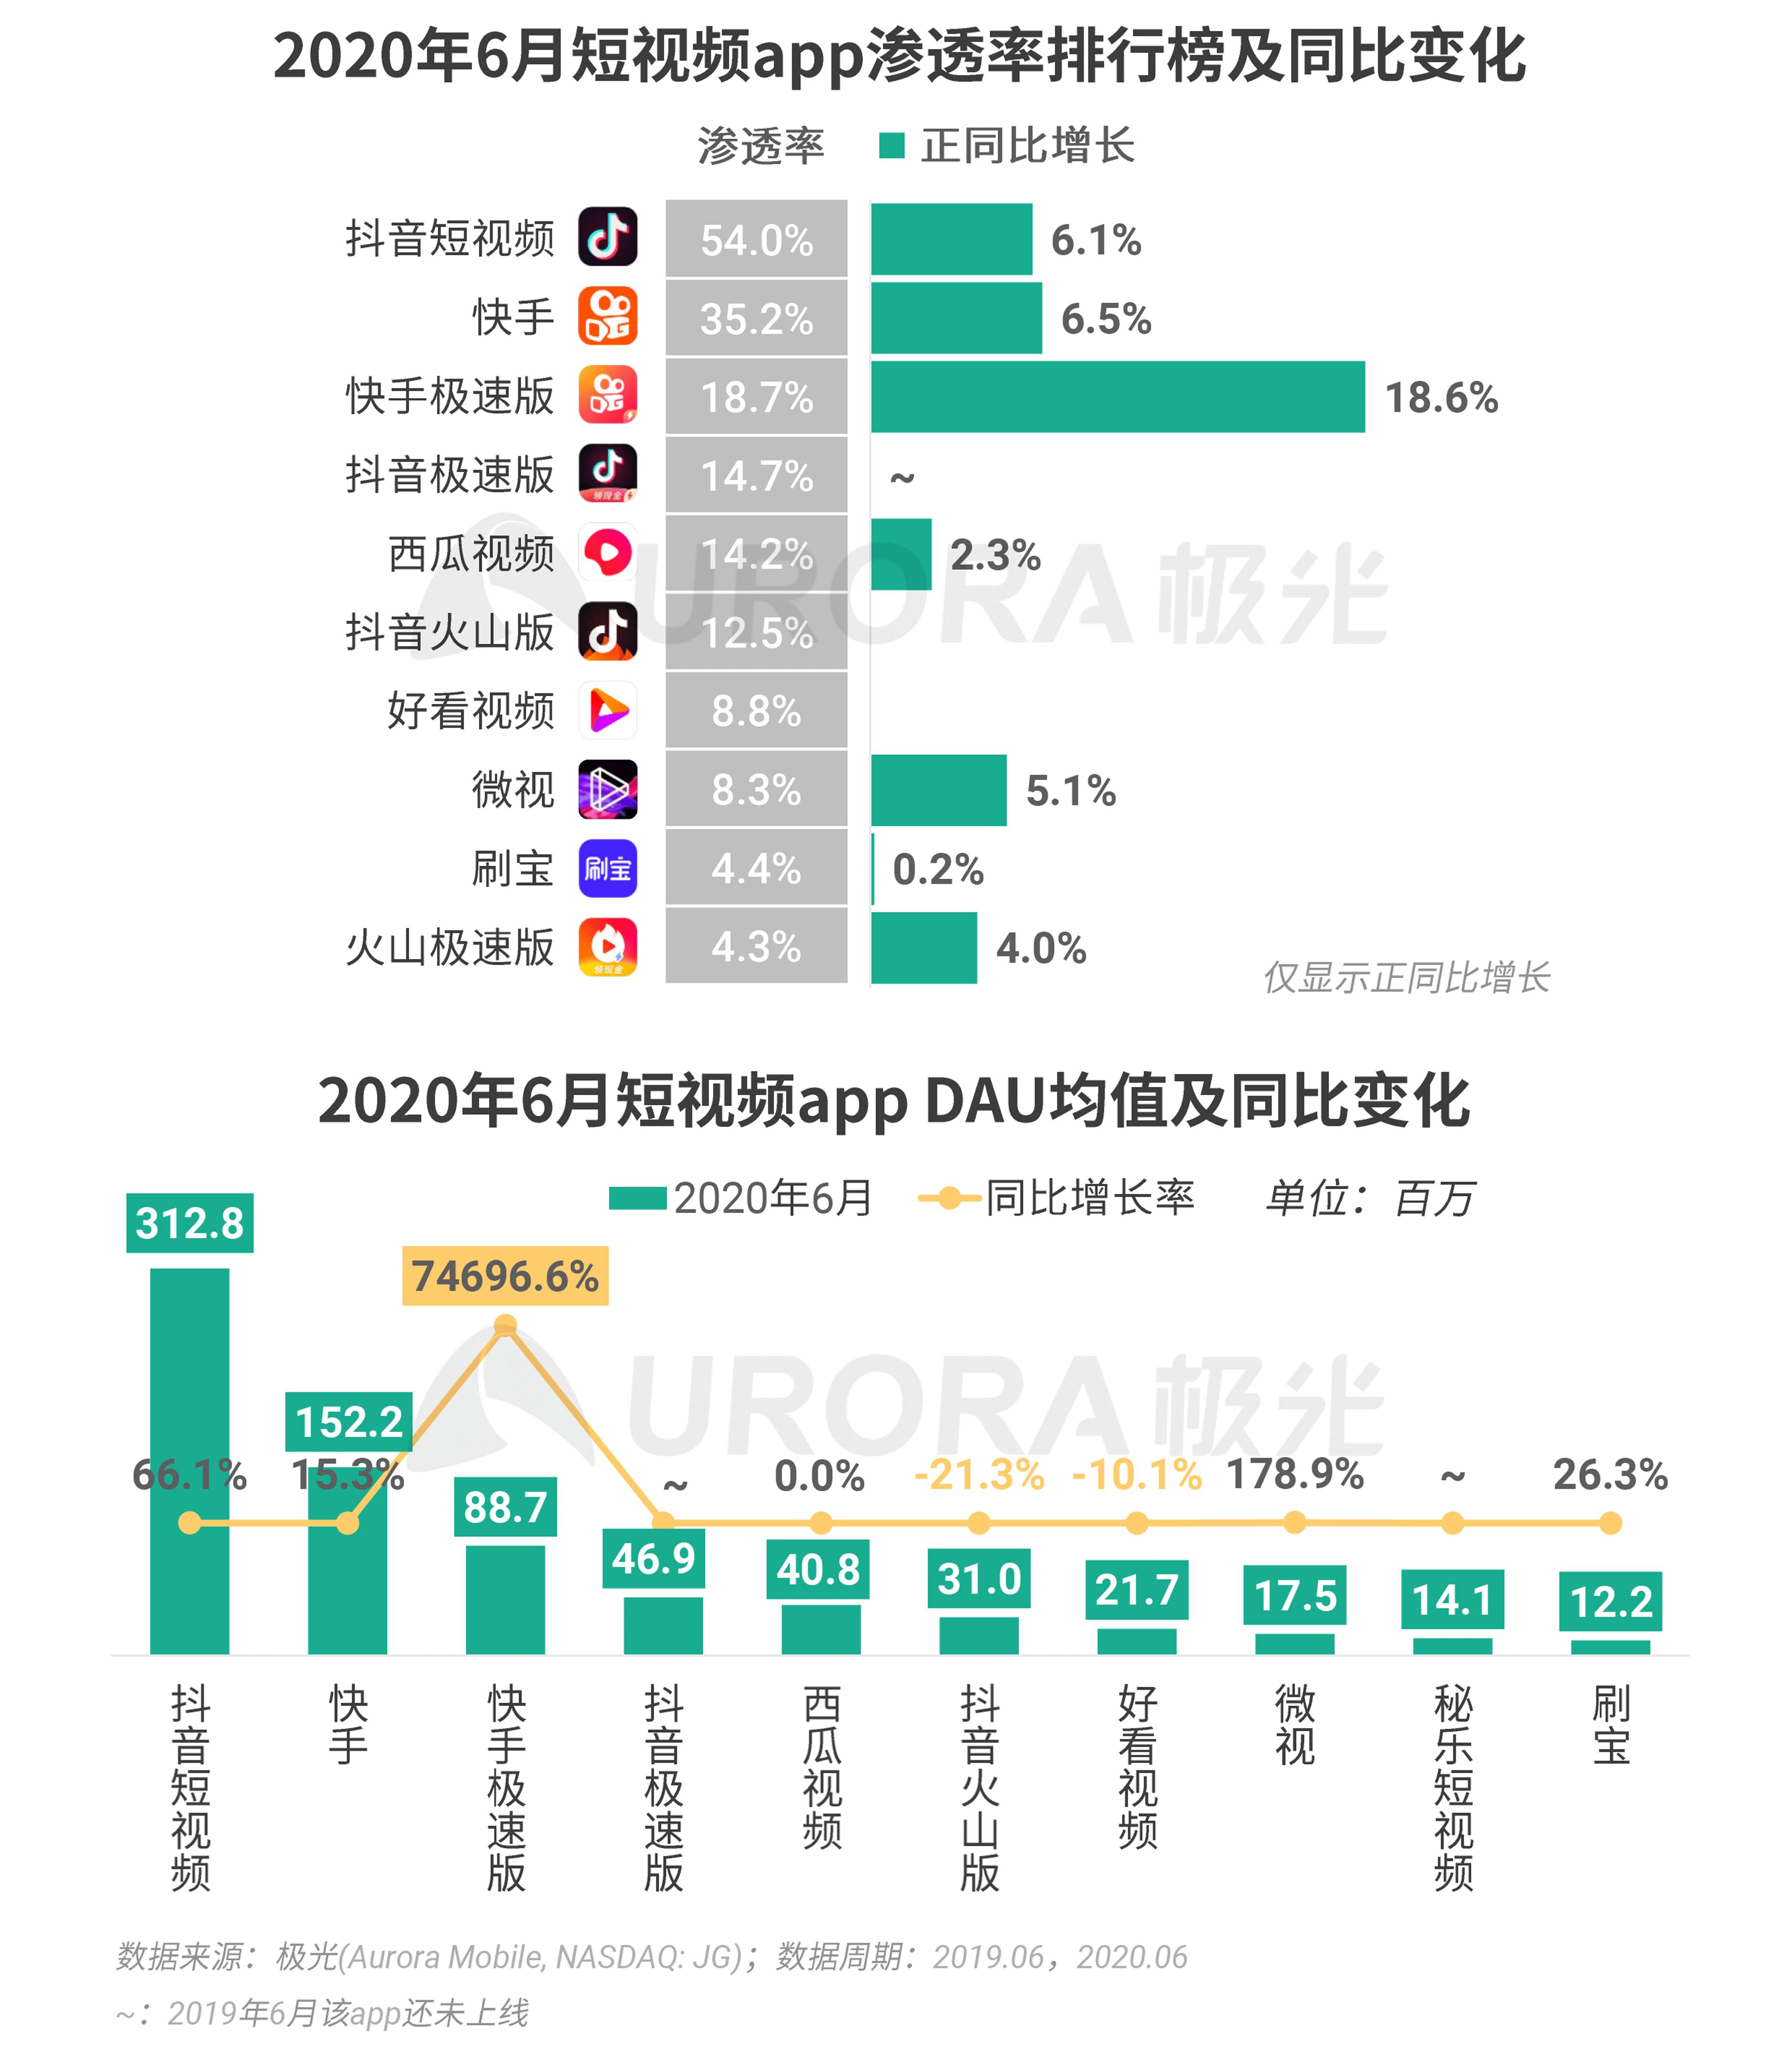 极光:2020Q2互联网行业数据研究报告 (16).png